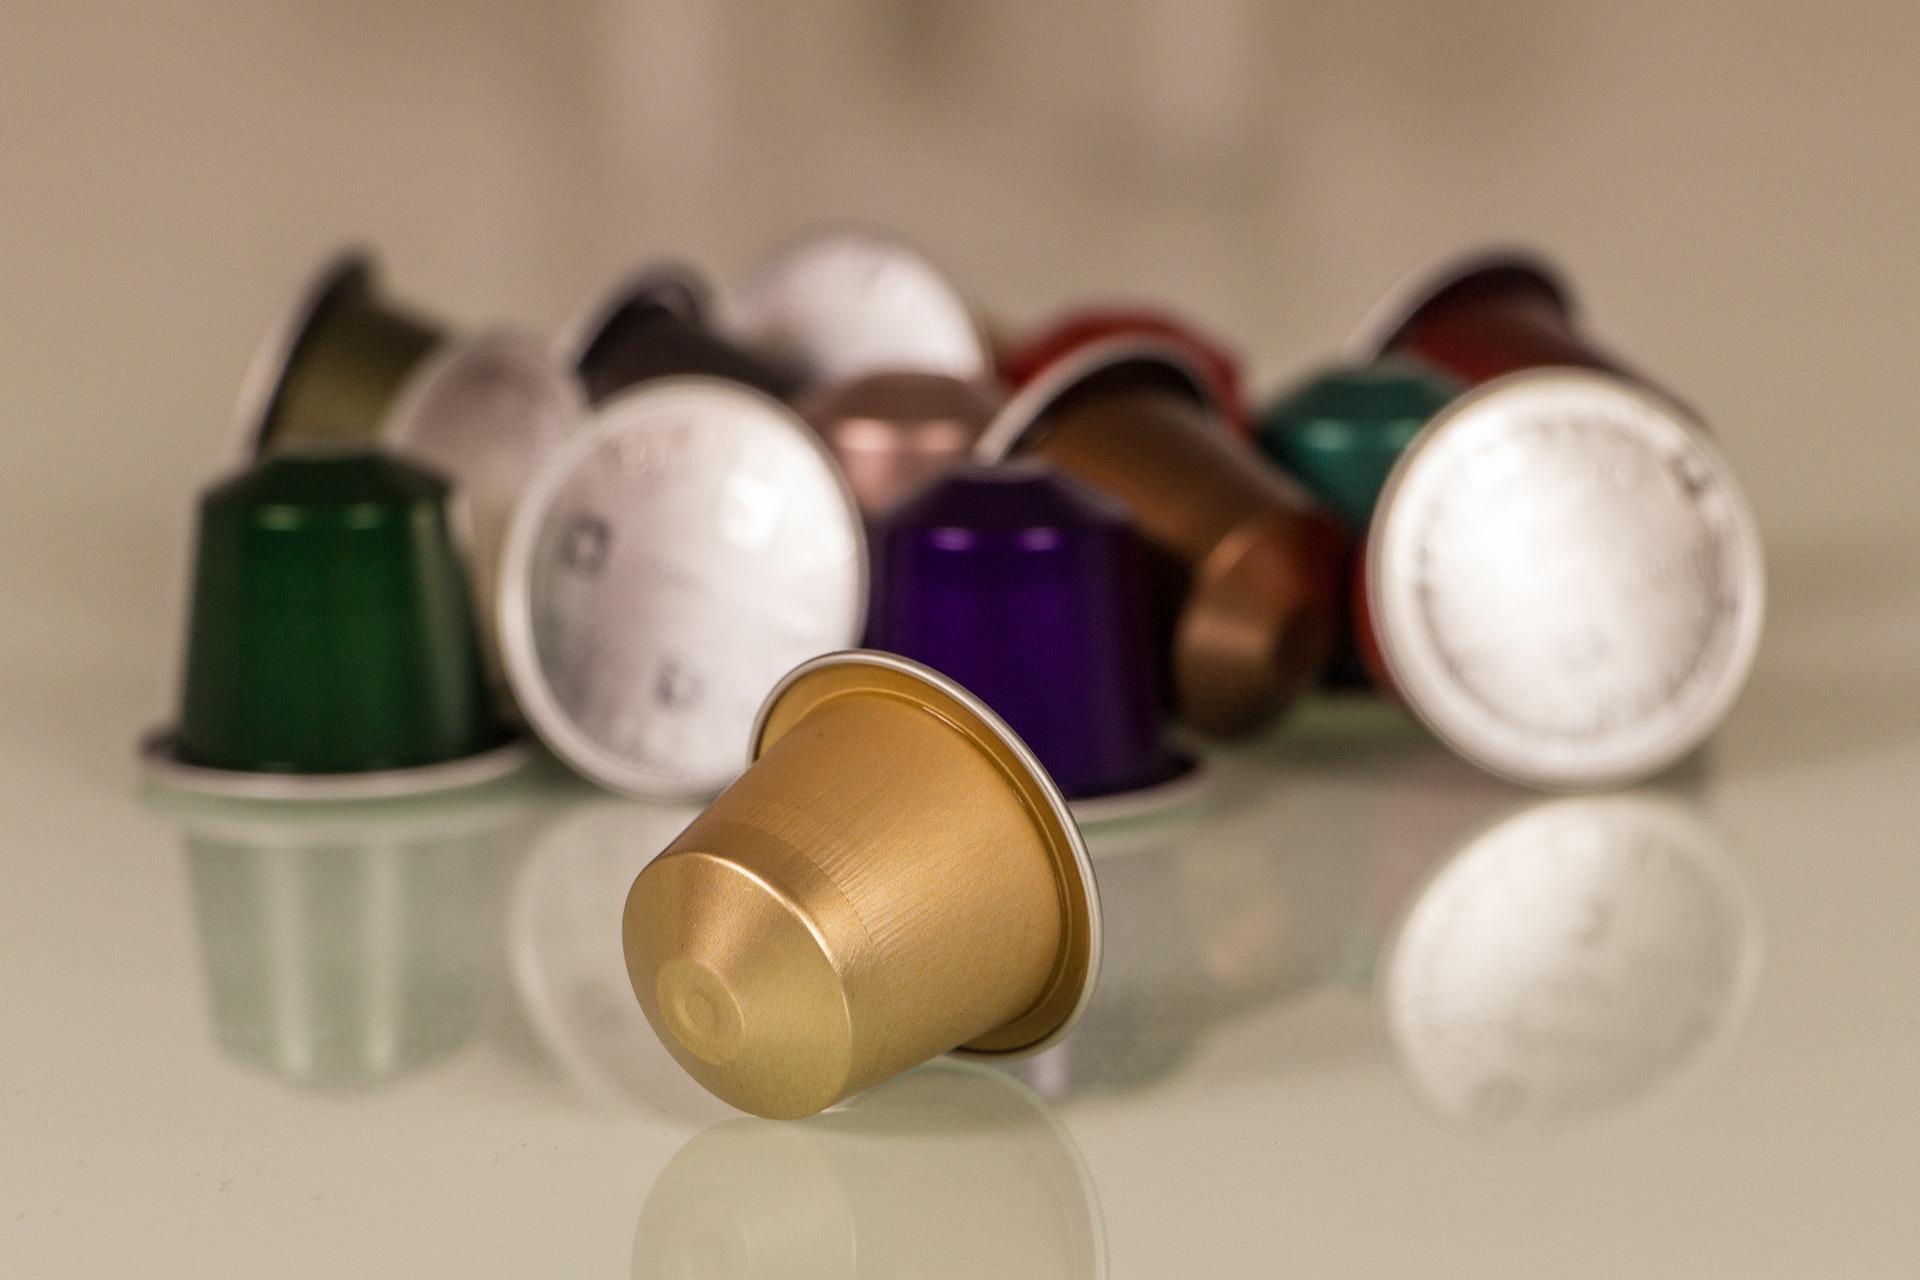 capsule-nespresso-costiera-caffè-design-capsule-compatibili-cialde